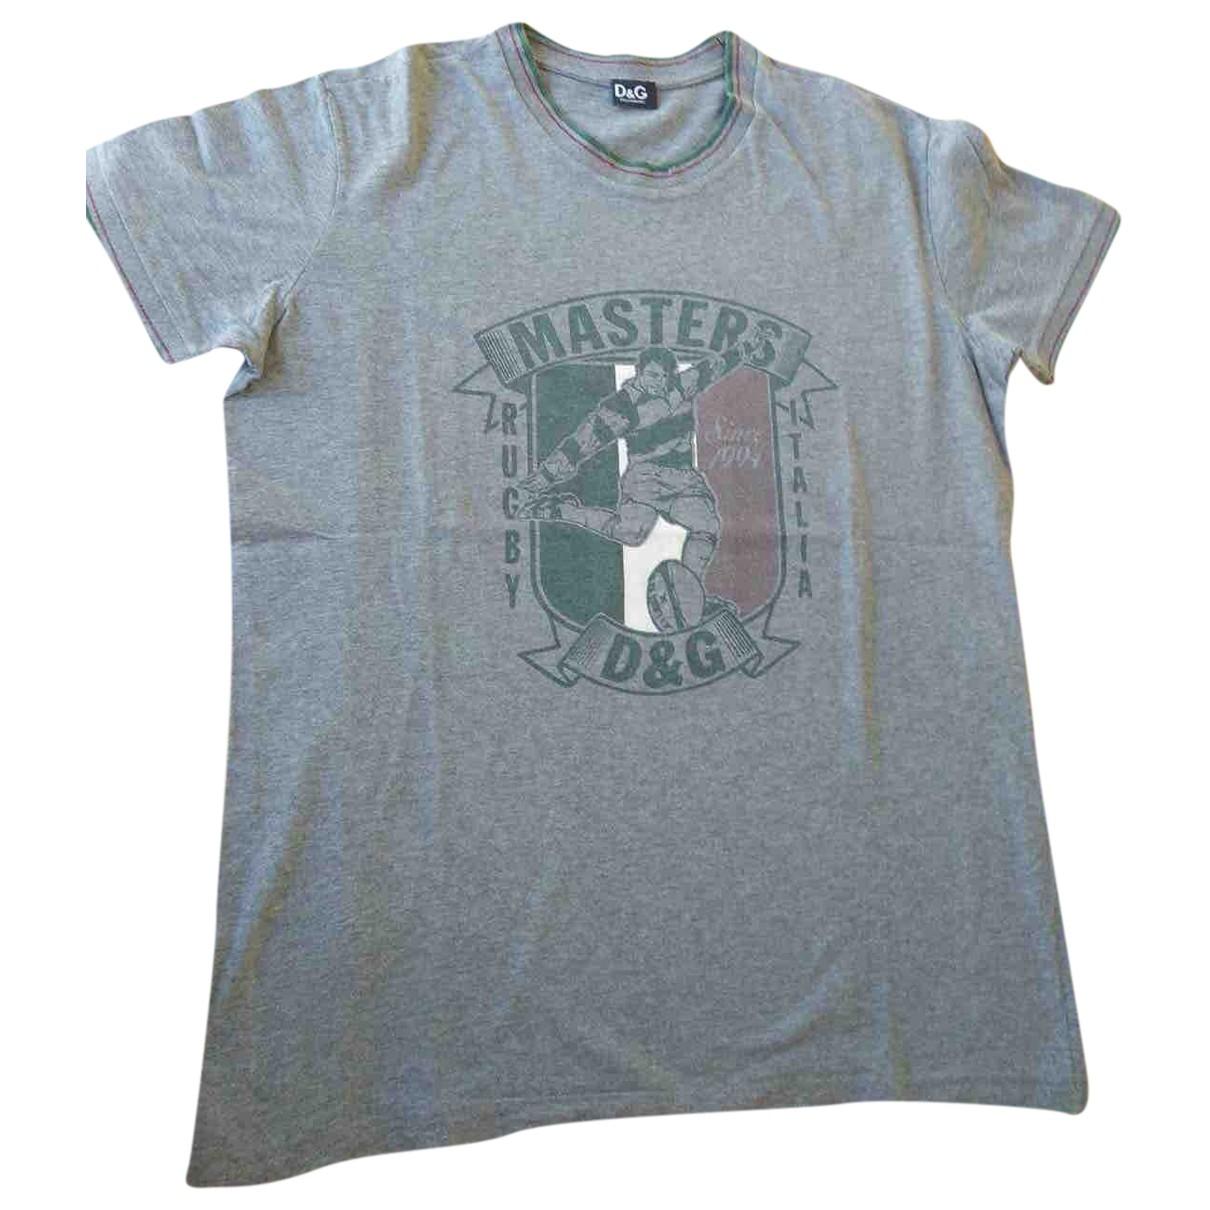 D&g - Tee shirts   pour homme en coton - gris